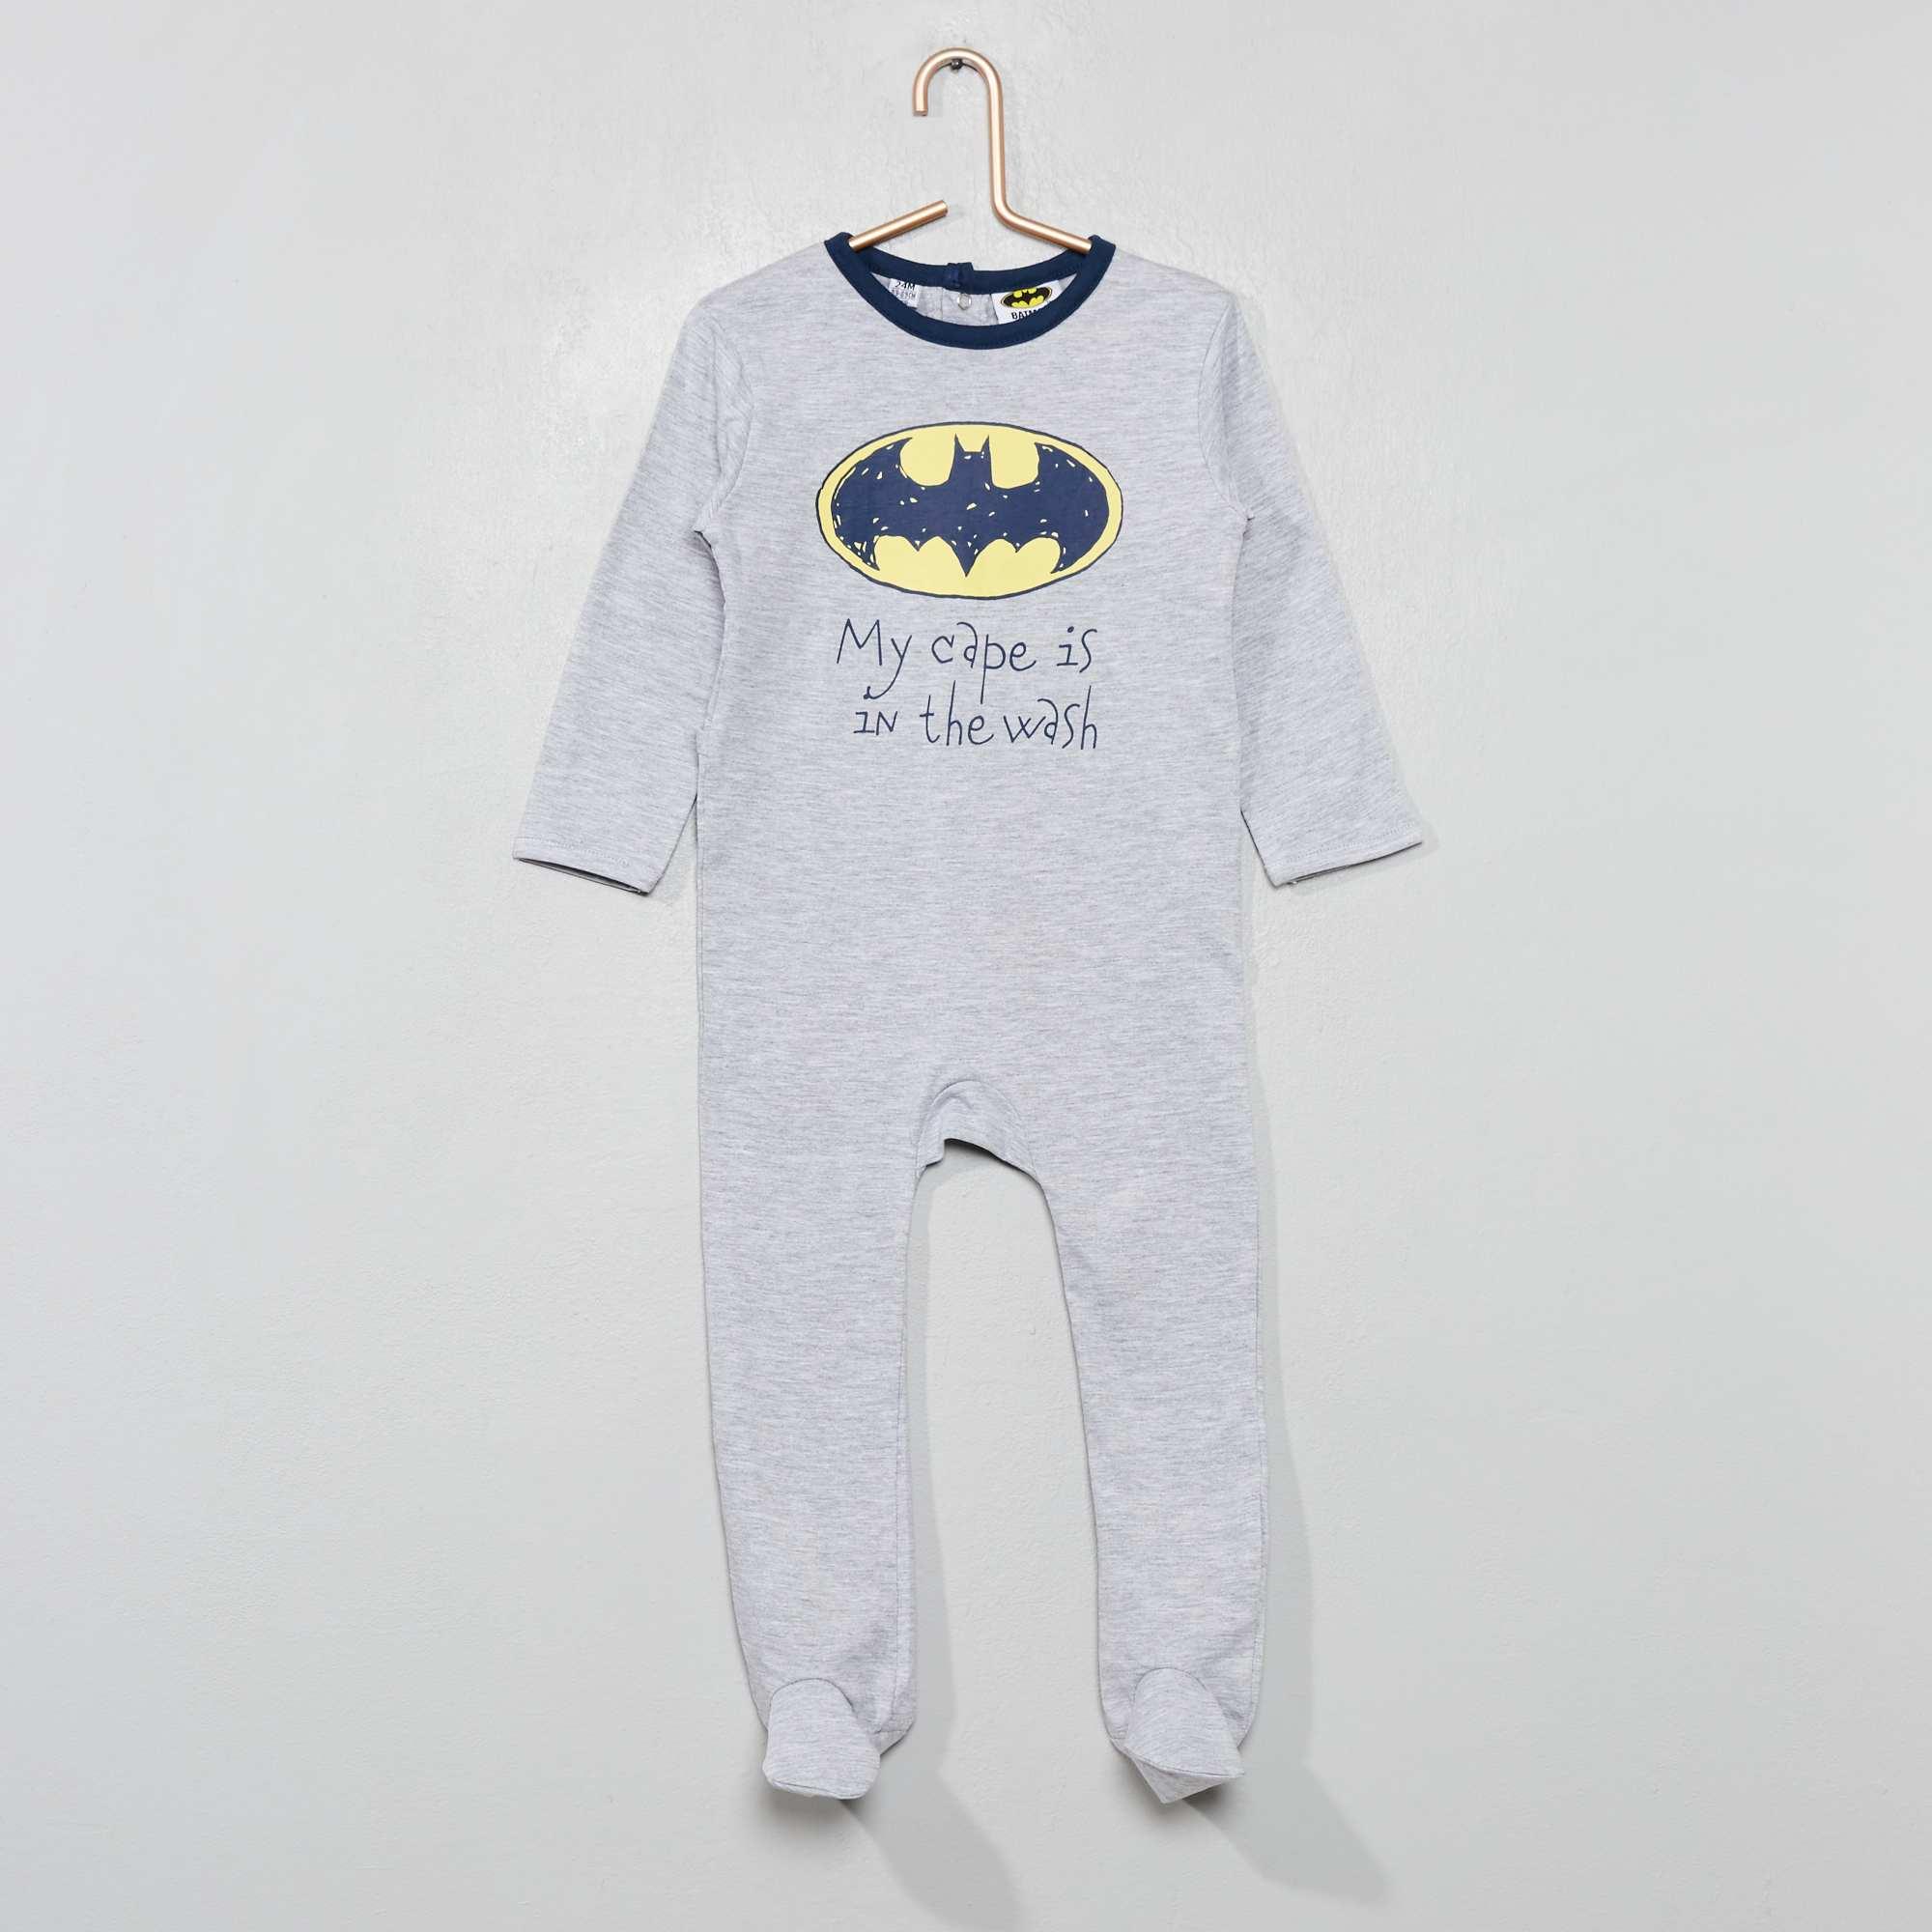 0c4057afa Pijama estampado 'Batman' GRIS Bebé niño. Loading zoom. Haz clic en la  imagen para agrandar. zoom